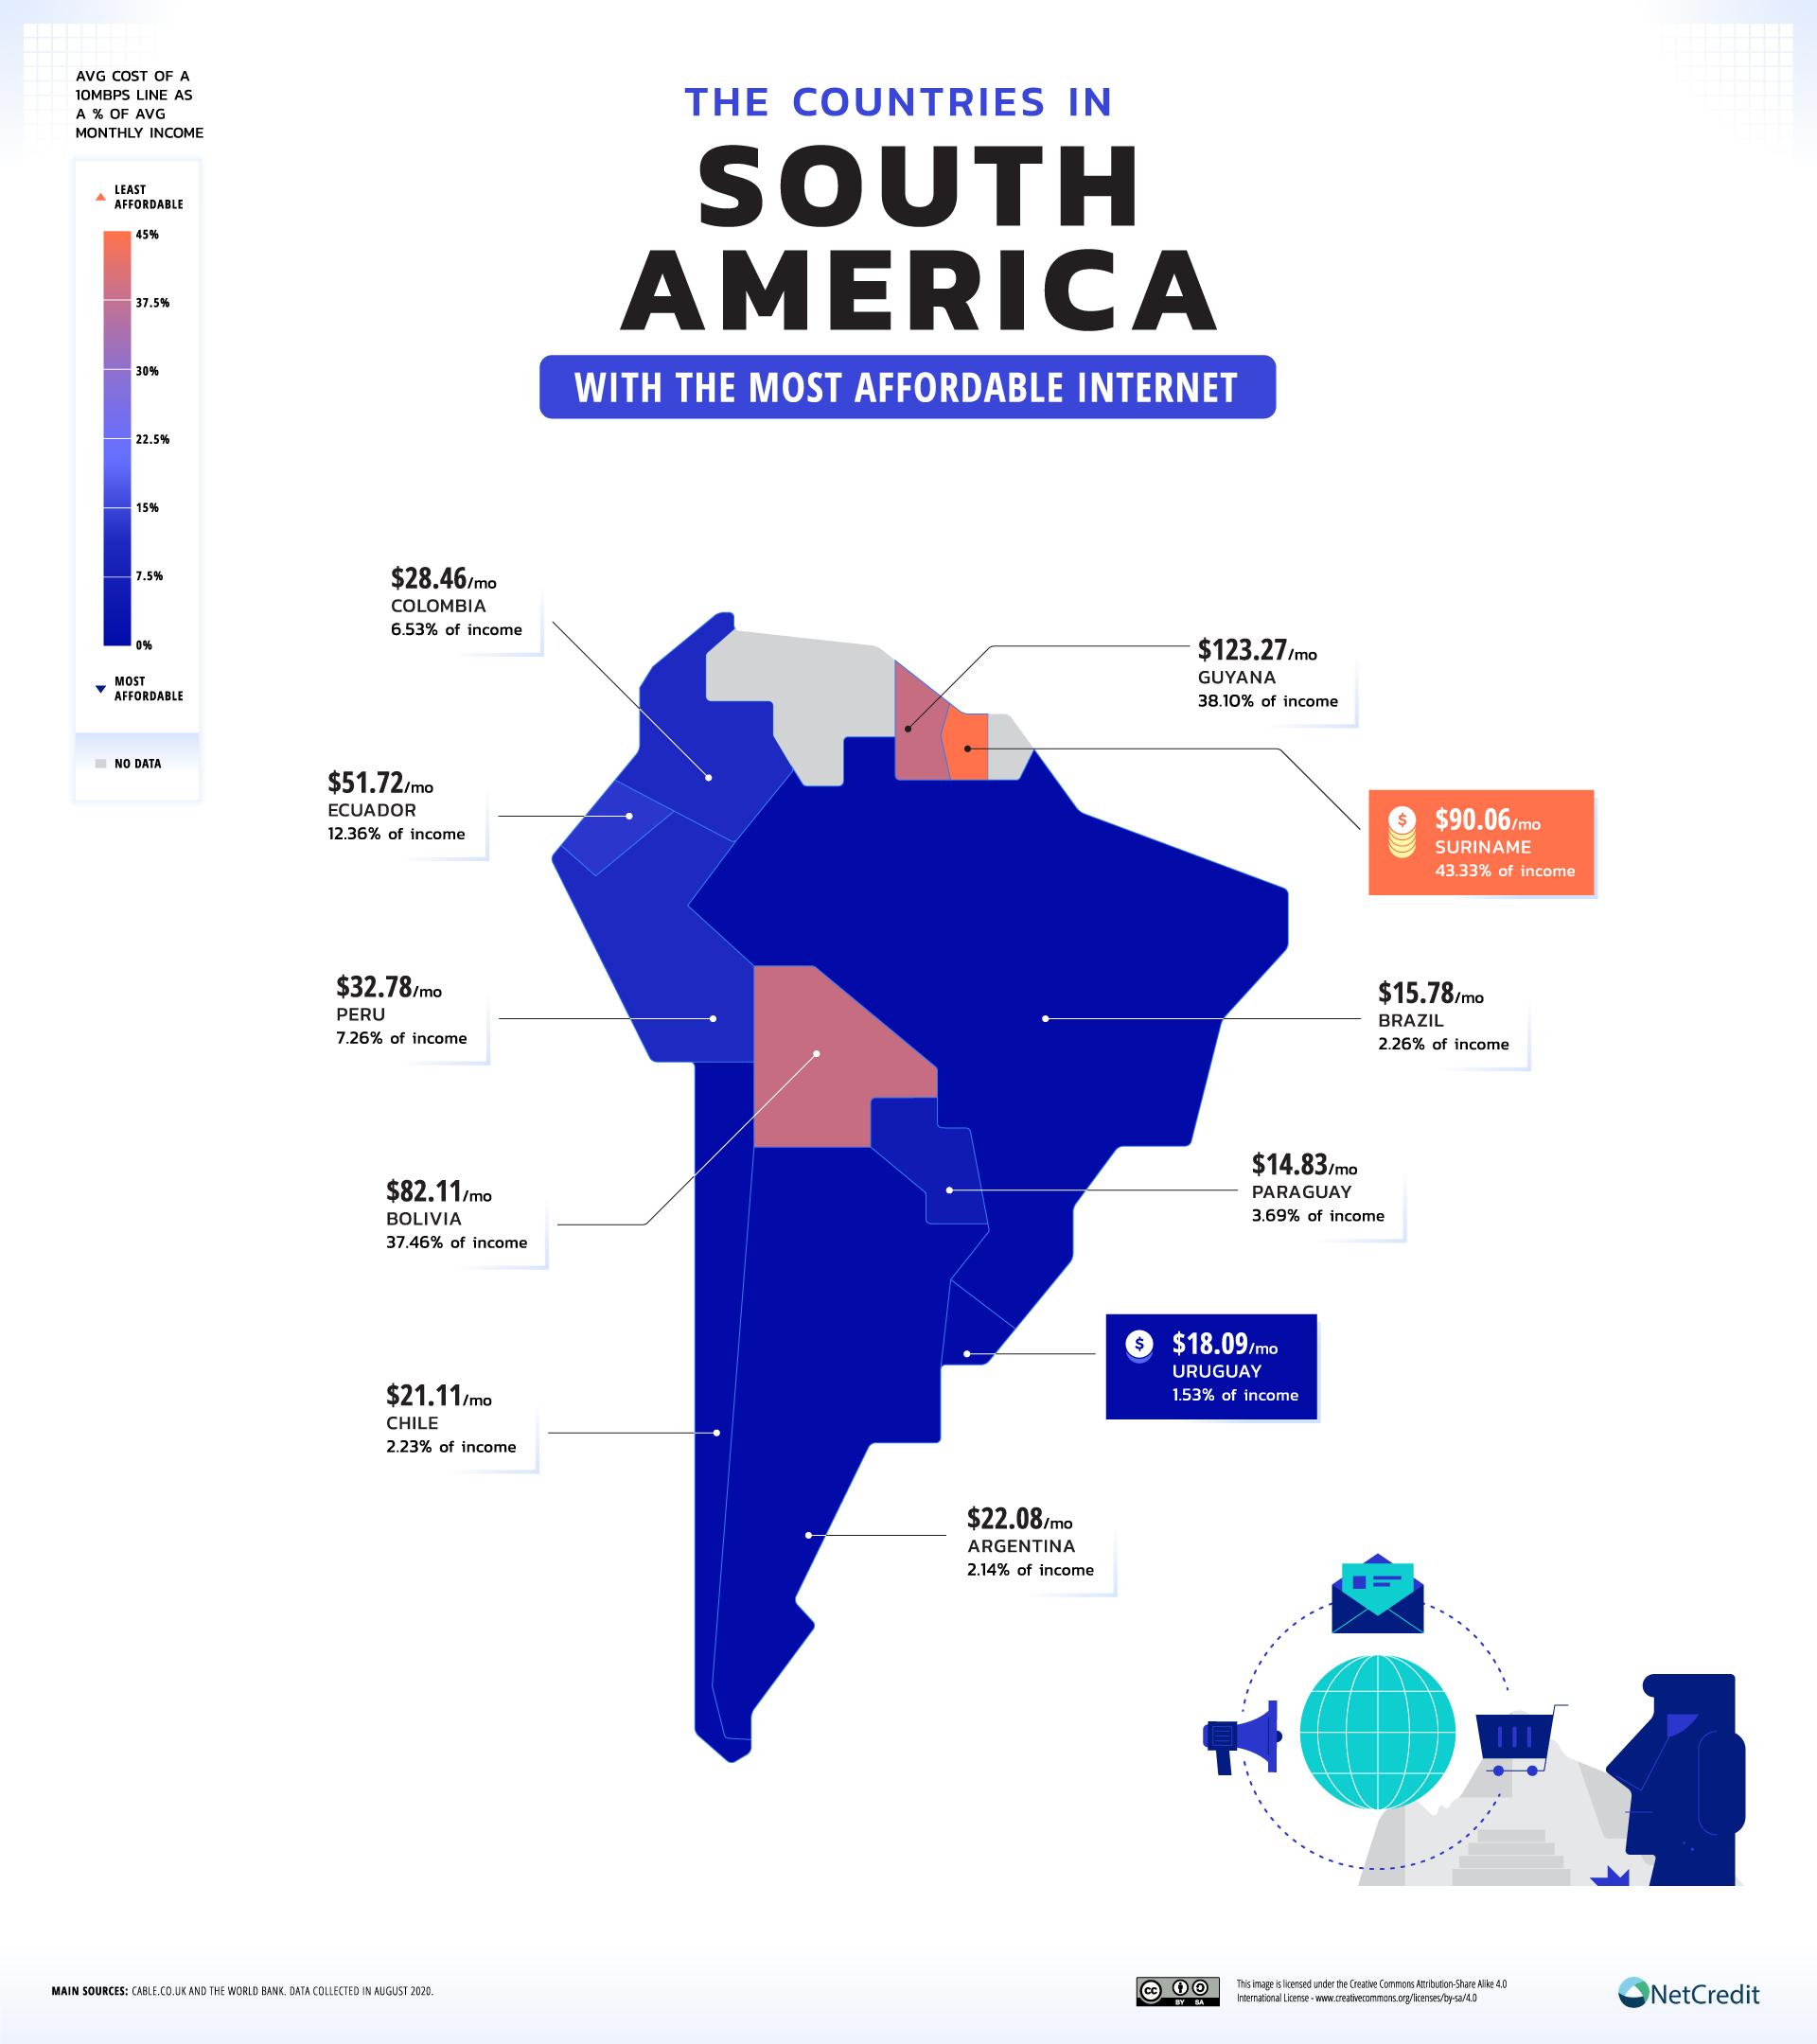 Los países con internet más y menos accesible en Sudamérica